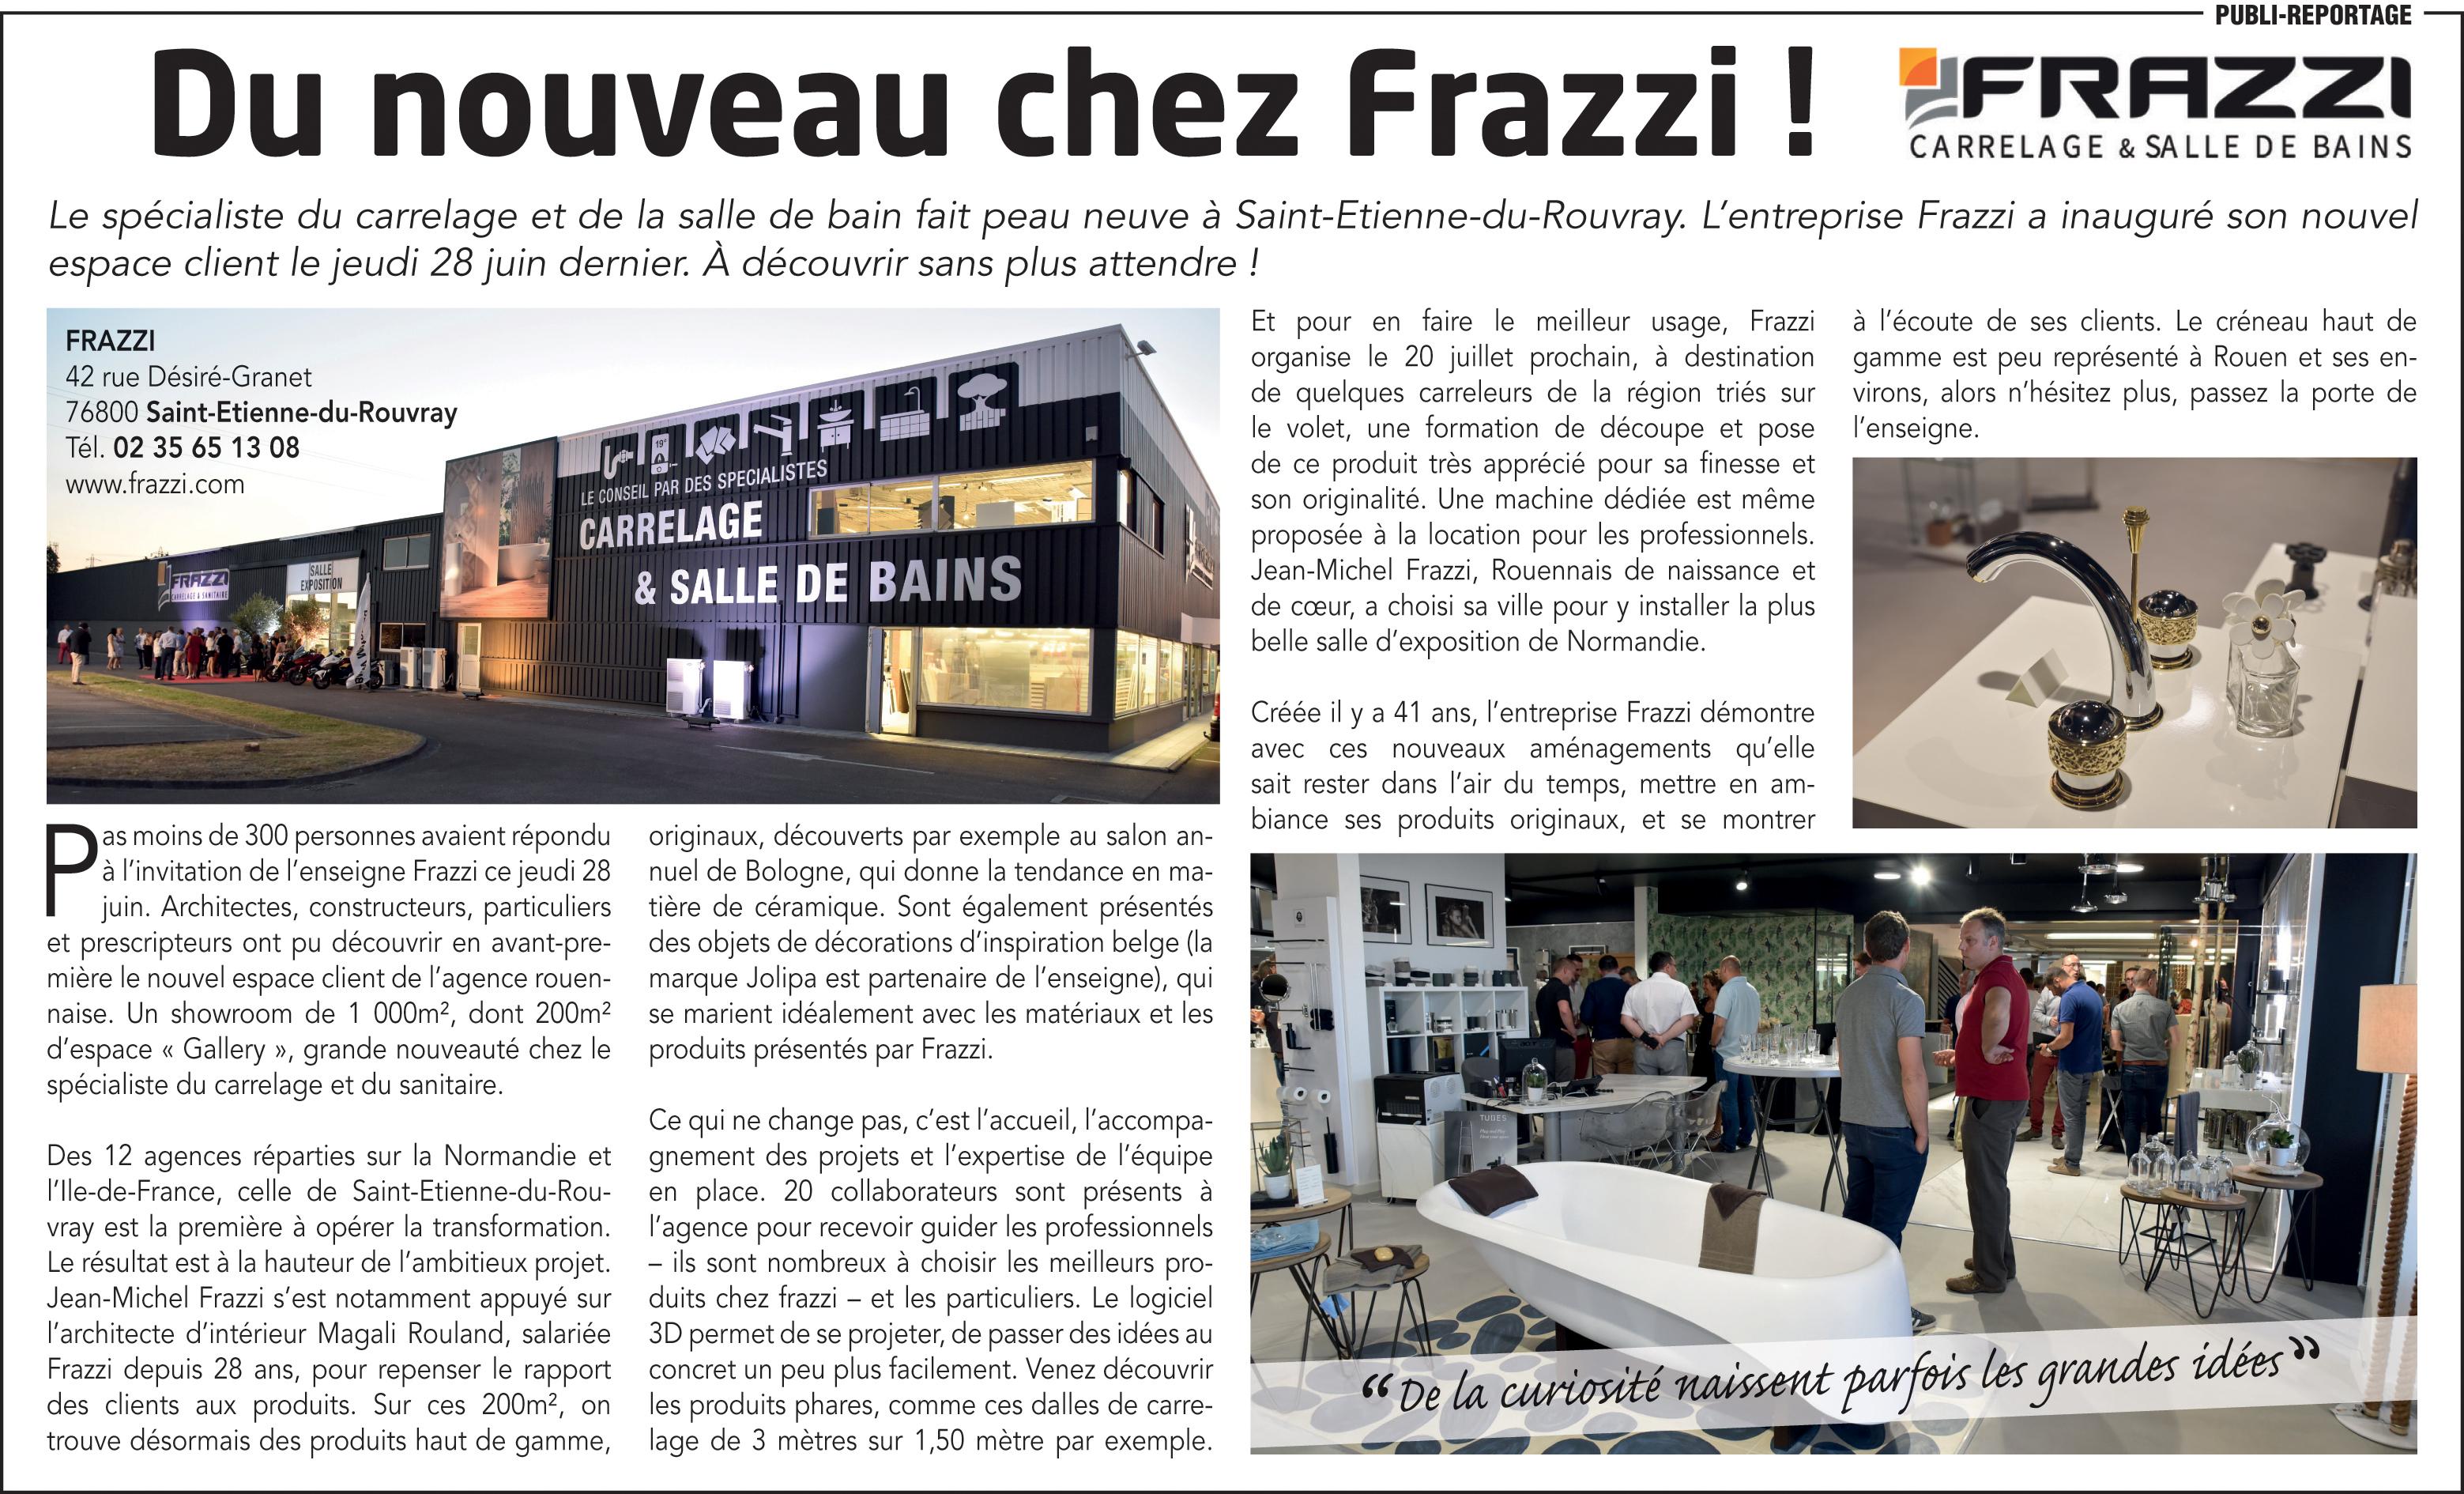 Carrelage Mural Salle De Bain Frazzi ~ presse paris normandie juillet 2018